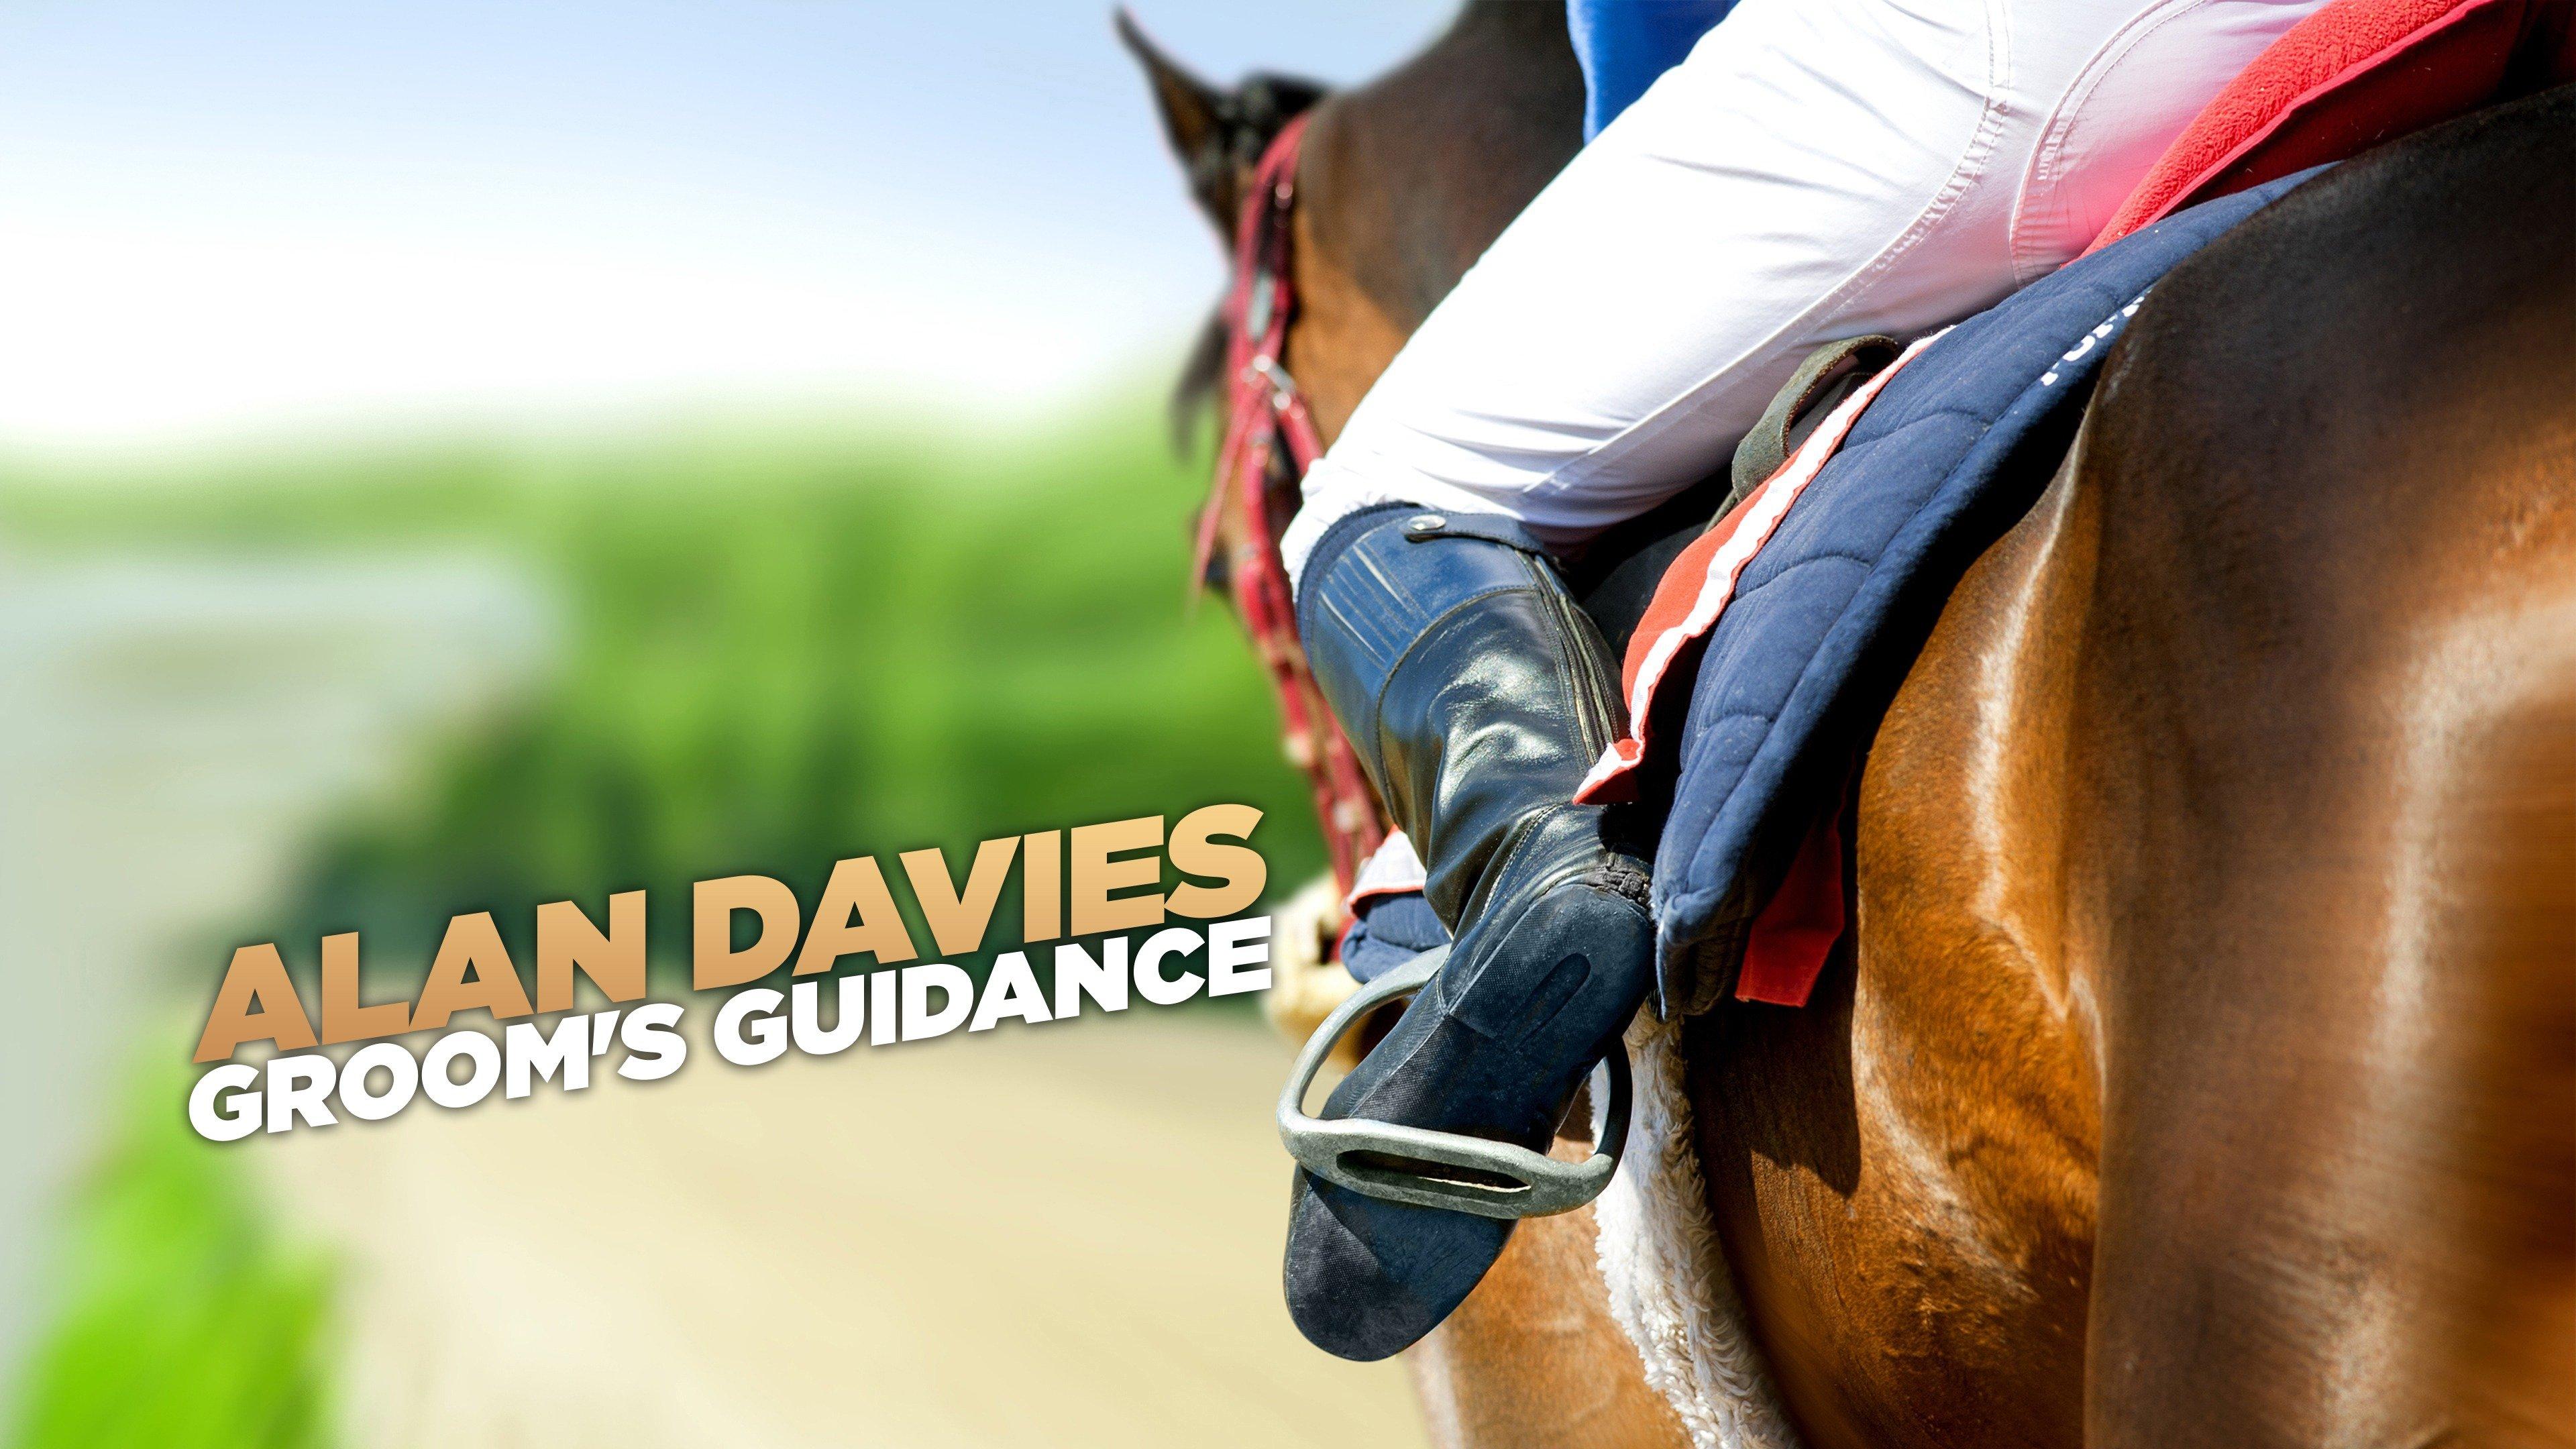 Alan Davies: Groom's Guidance